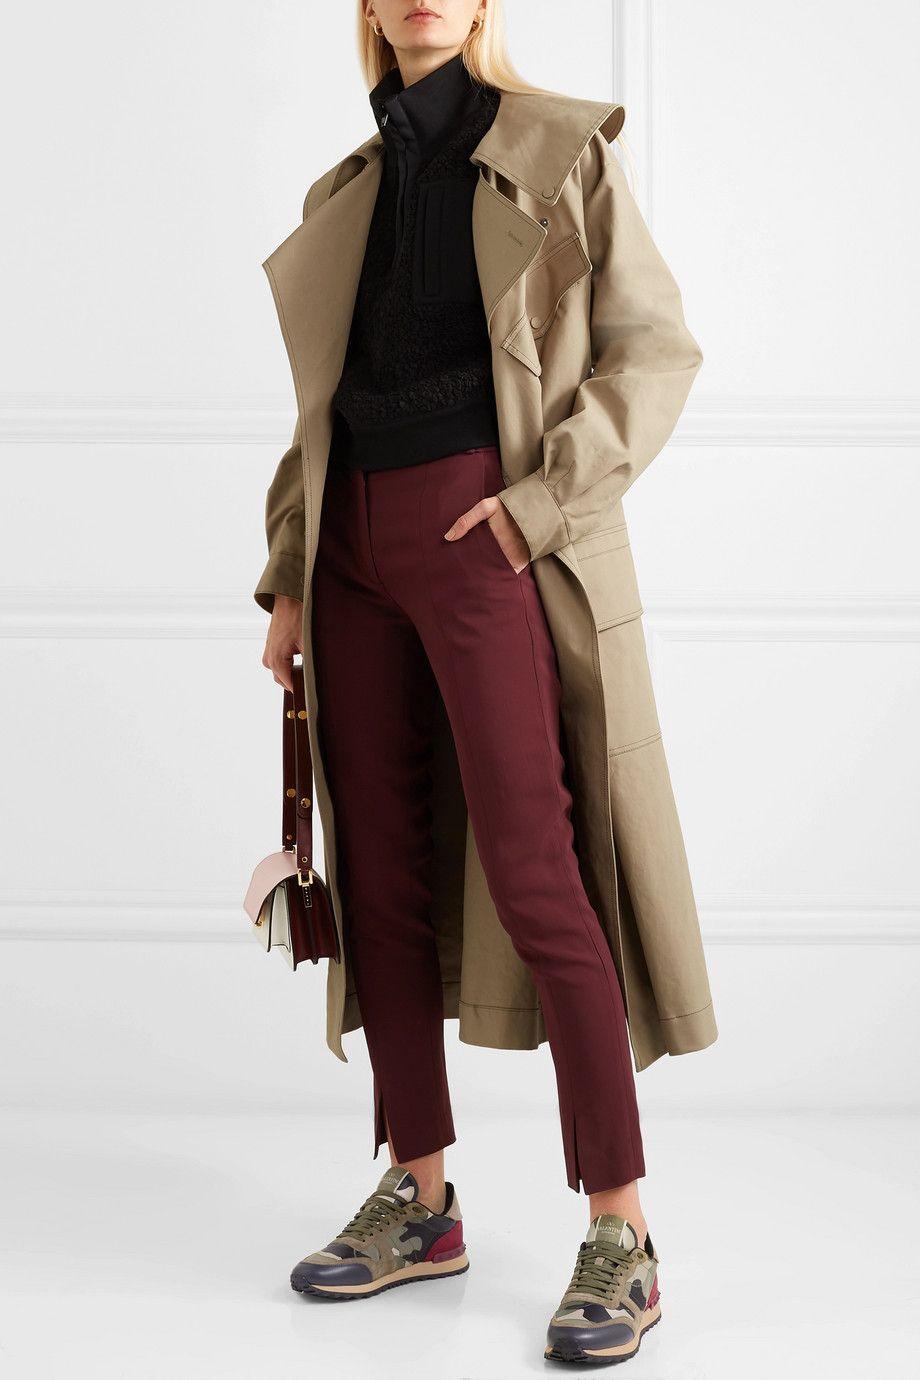 Valentino Garavani Rockrunner leather